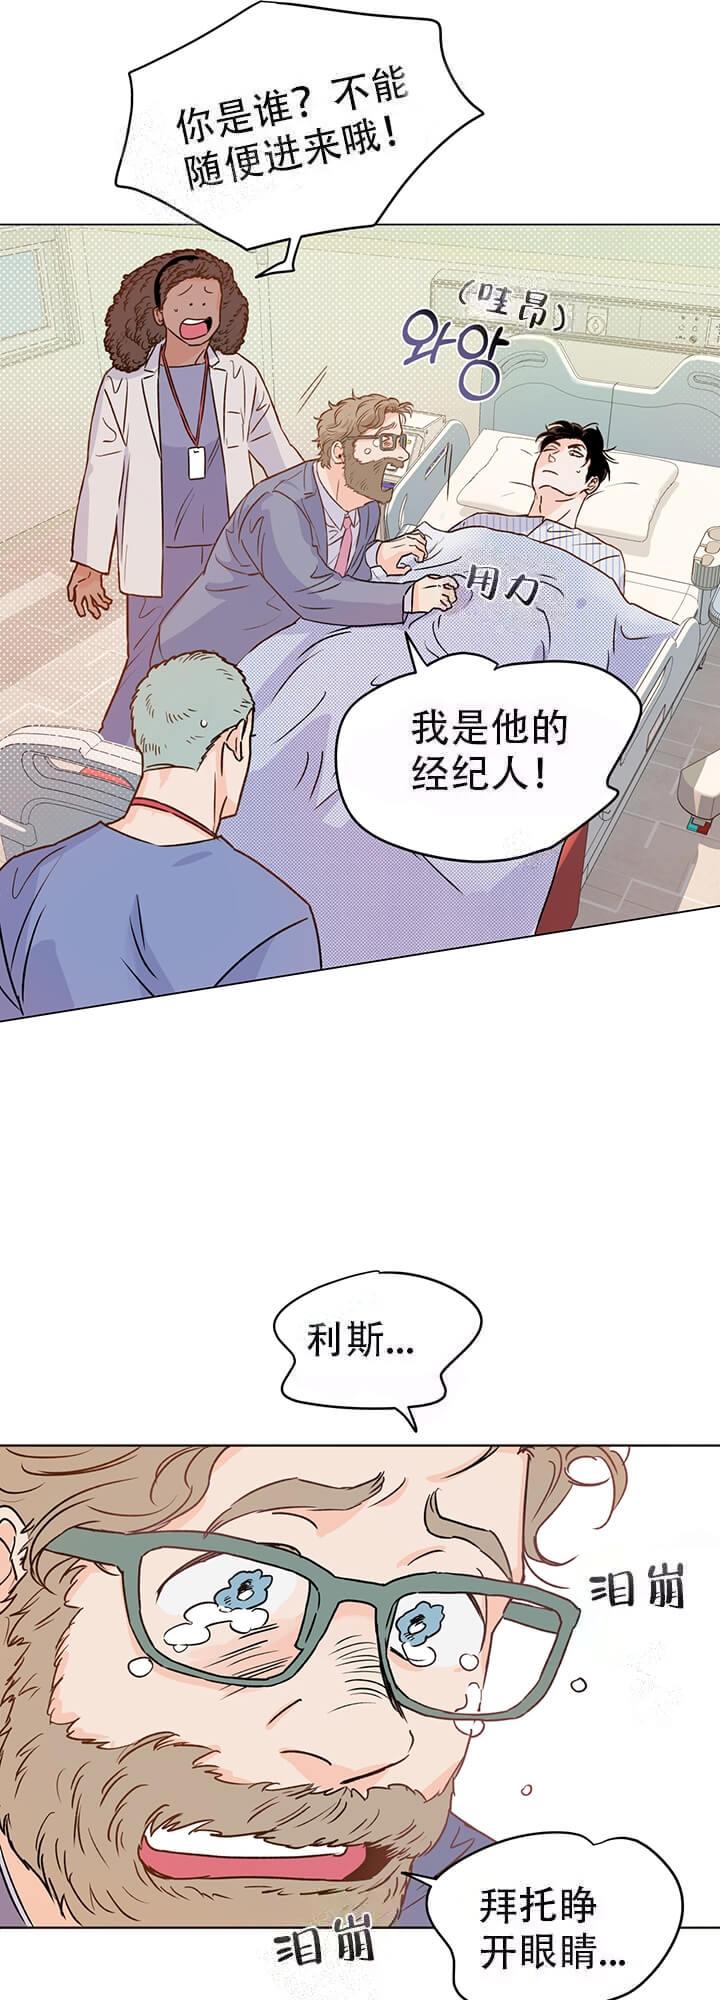 韩漫 | 《关上闪光灯》从厌恶到恋人,雇佣兵的灵魂&艺人的身体  第15张